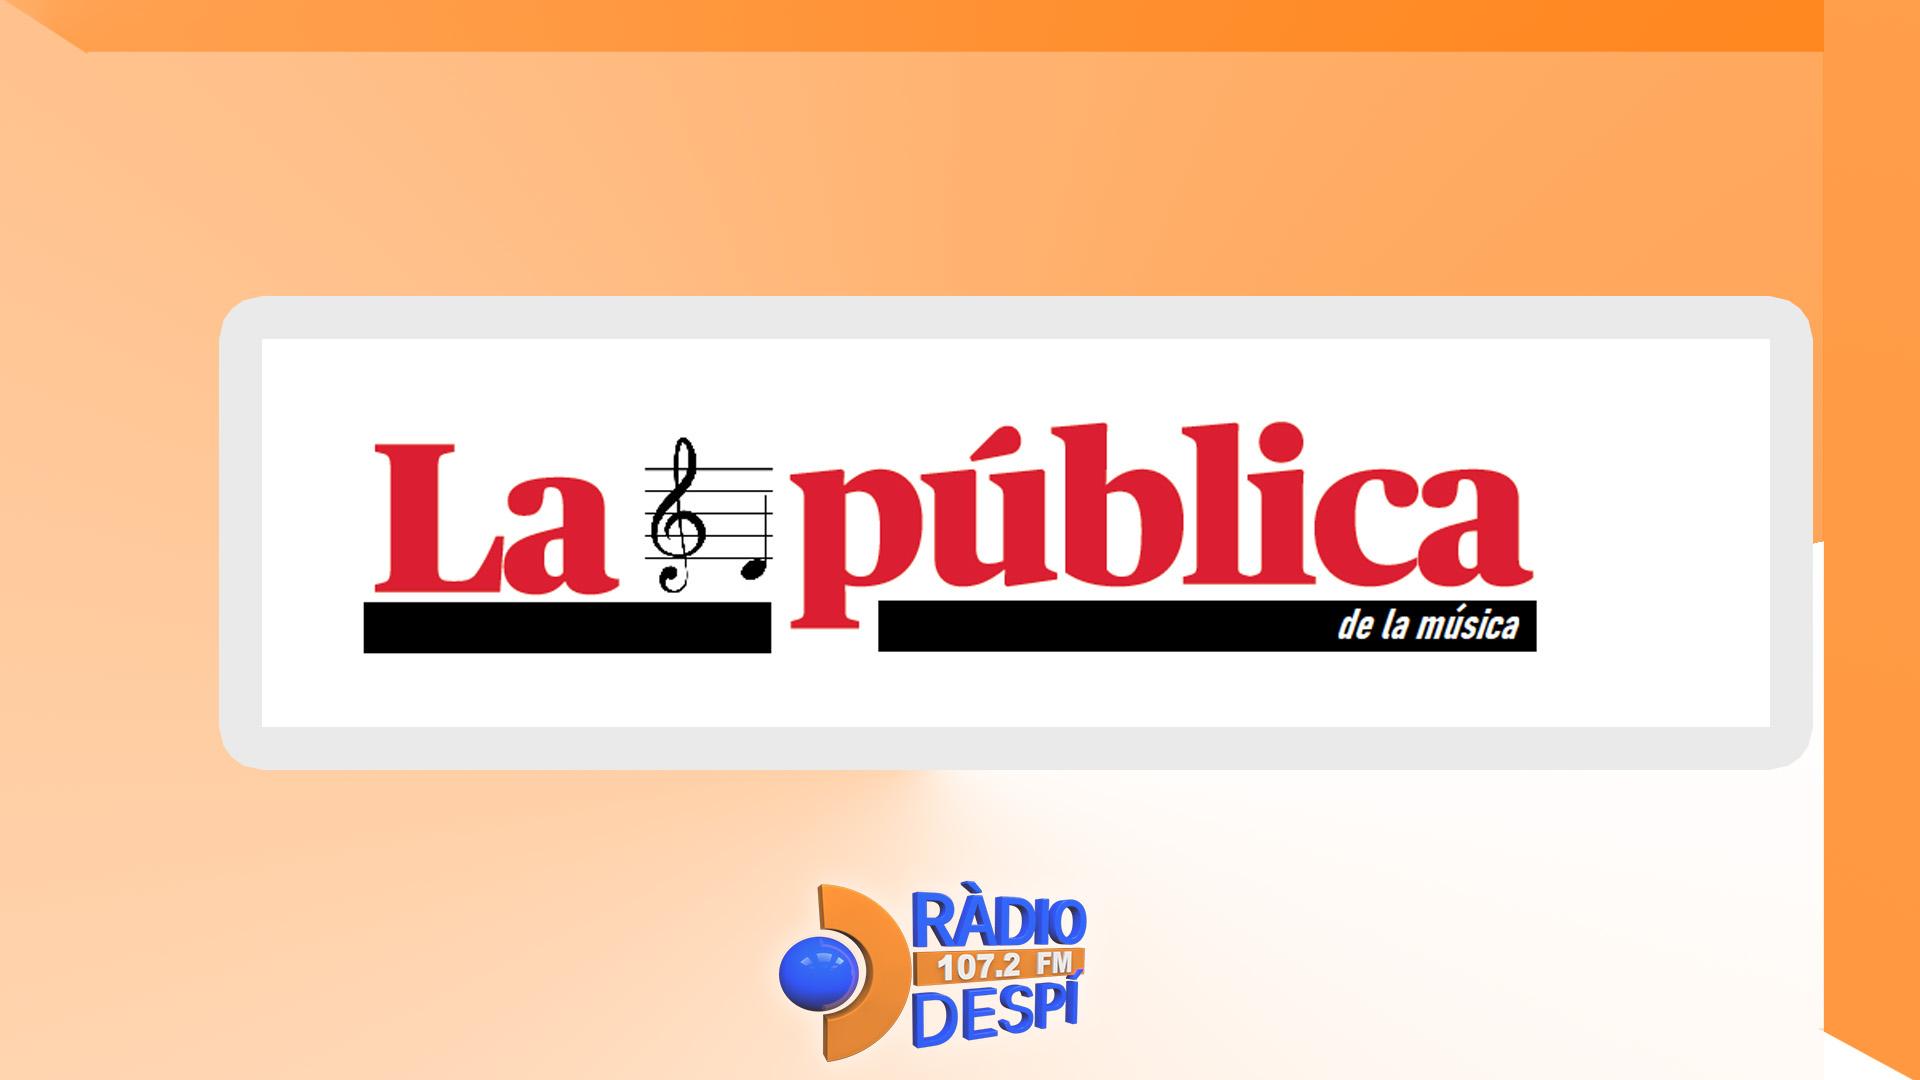 La Republica de la Música - Ràdio Despí